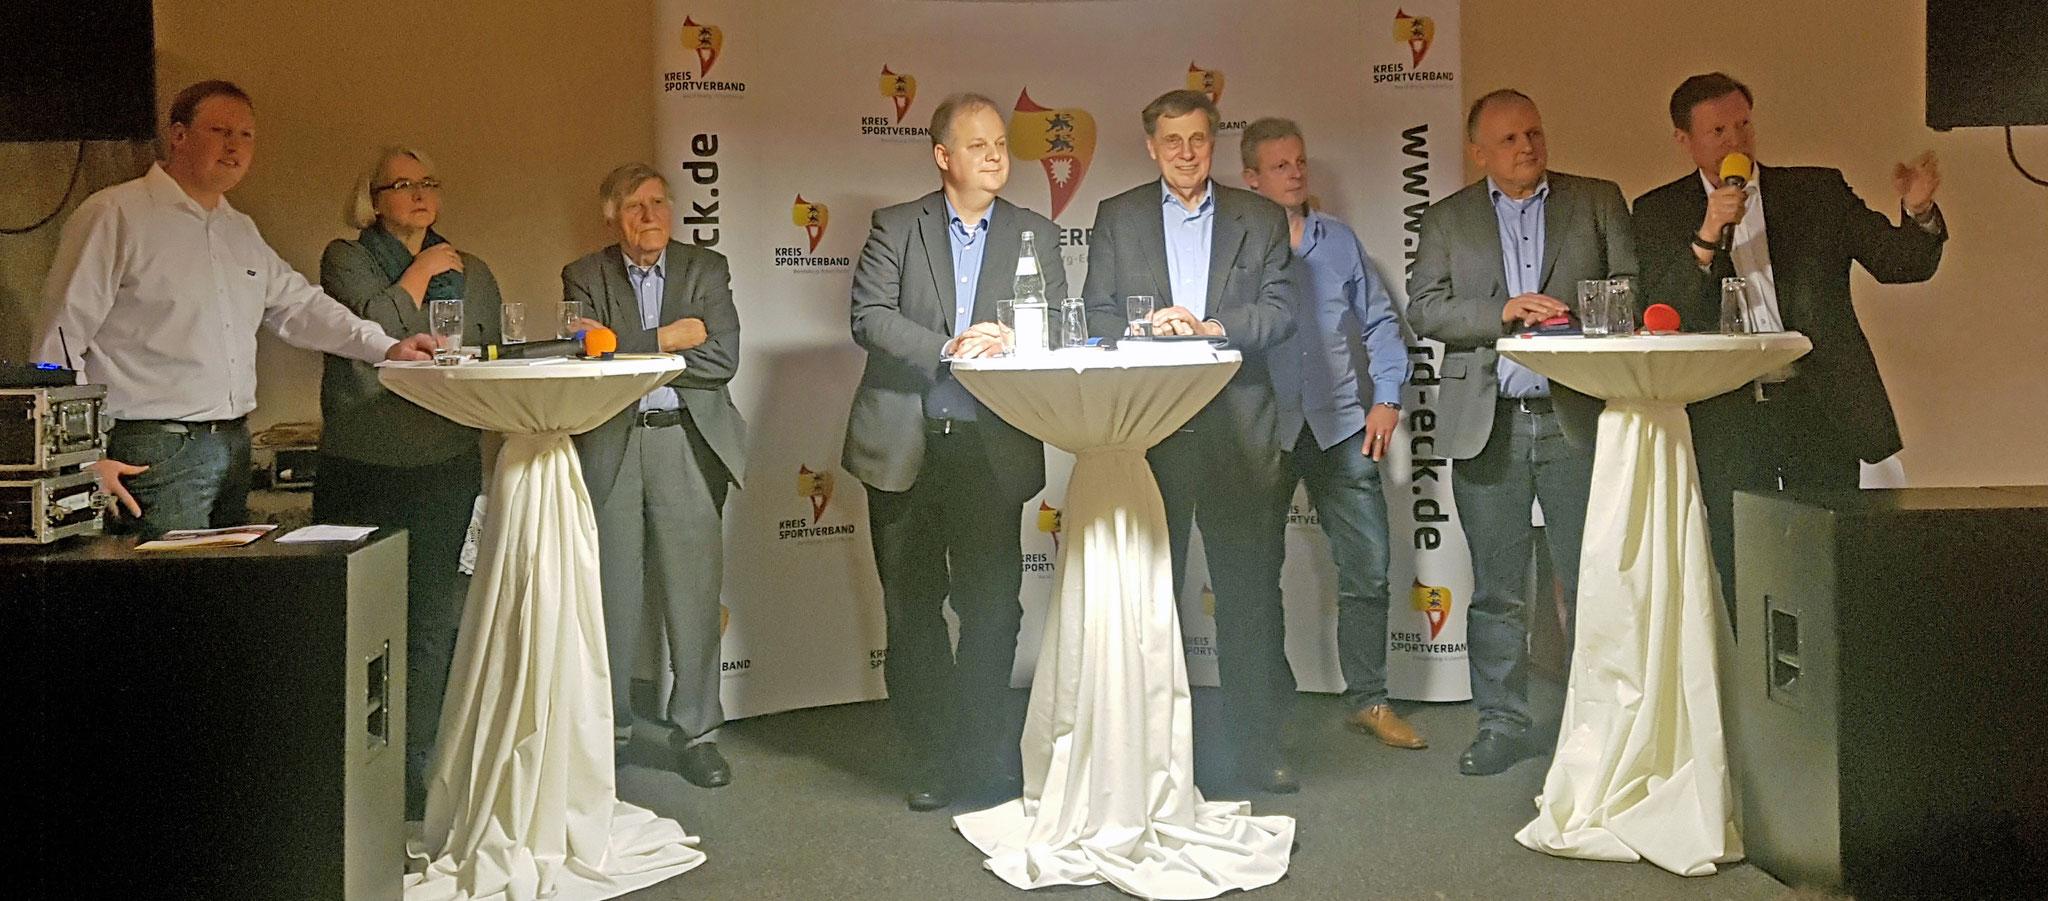 v. links: Björn Baasch (SSW), Monika Schorn (Bündnis 90 / Die Grünen), Horst Barz (FDP), Dr. Kai Dolgner (SPD), Manfred Christiansen (CDU), Stephan Heuck (SV GW Todenbüttel), Ekkehard Krull (MTV Dänischenhagen), Jochen von Allwörden (Moderator)